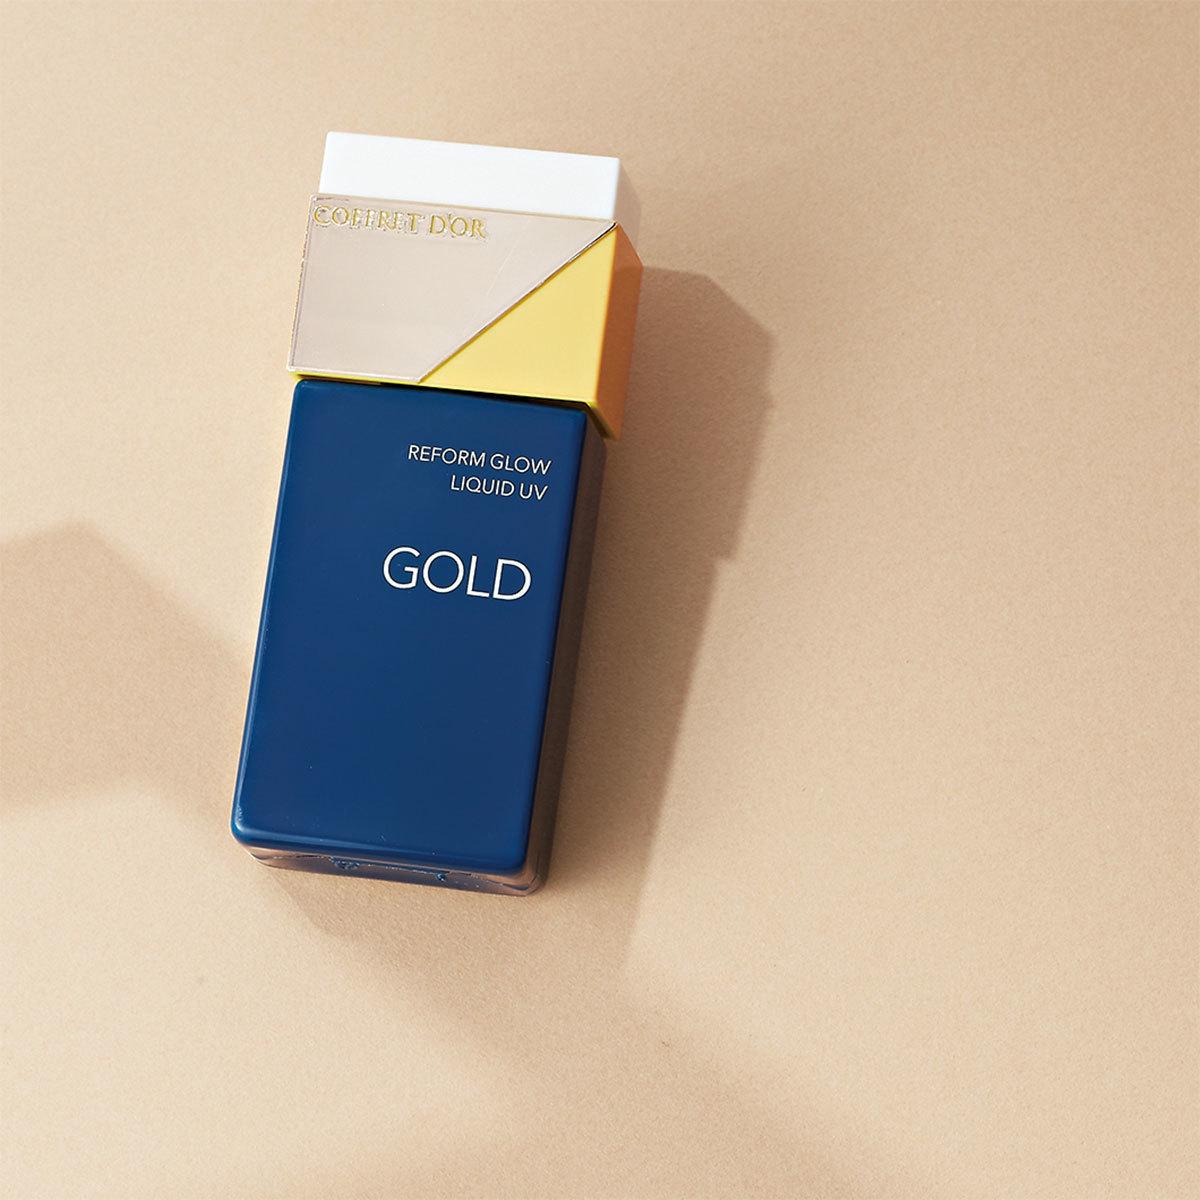 カネボウ化粧品 コフレドール リフォルムグロウ リクイドUV ゴールド